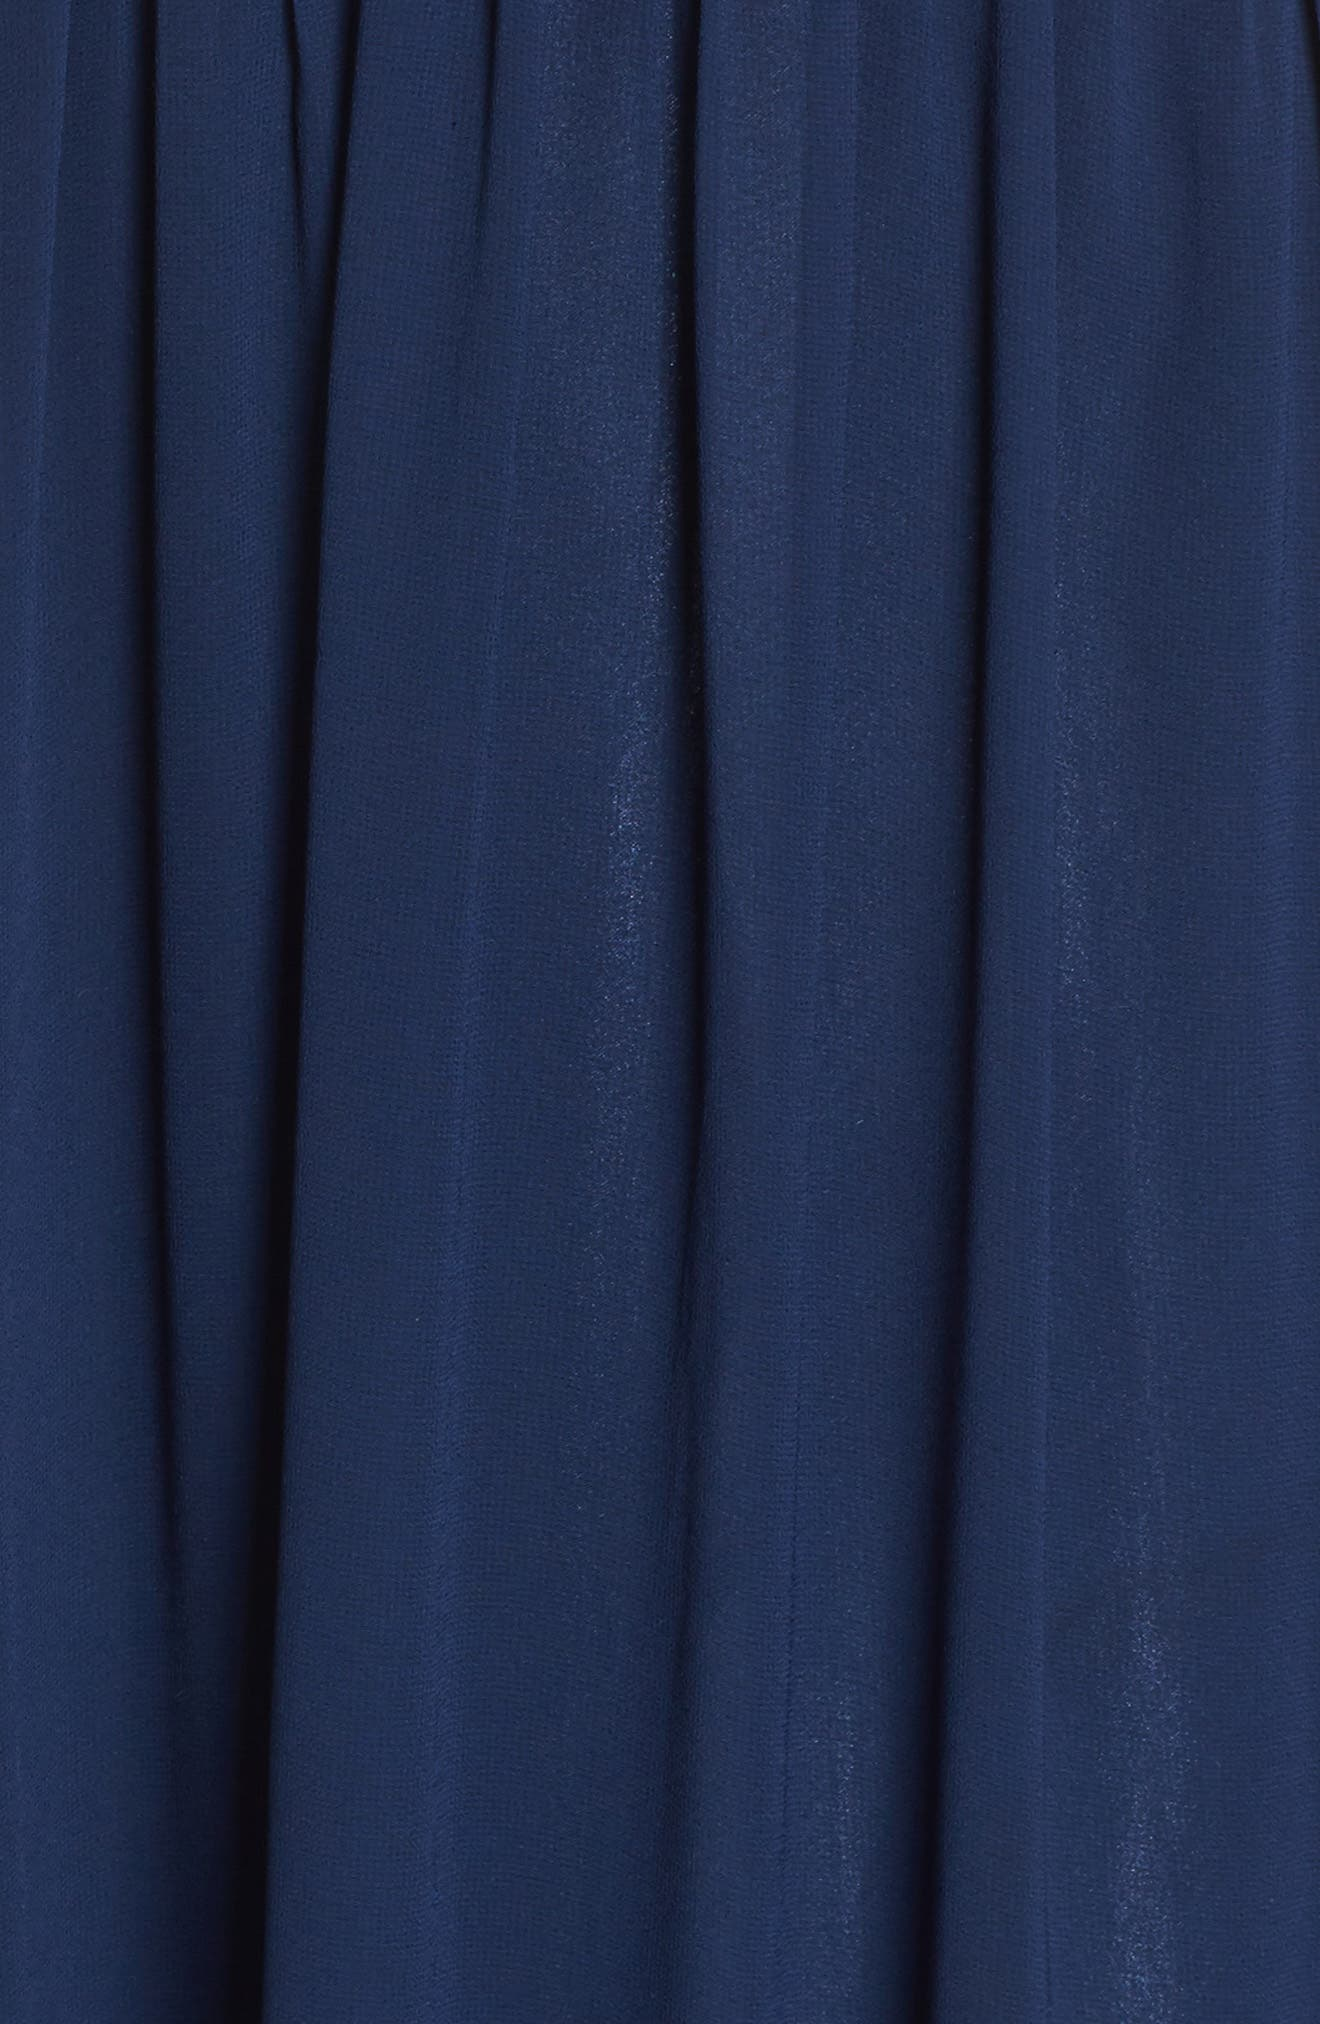 Appliqué Illusion Gown,                             Alternate thumbnail 5, color,                             400